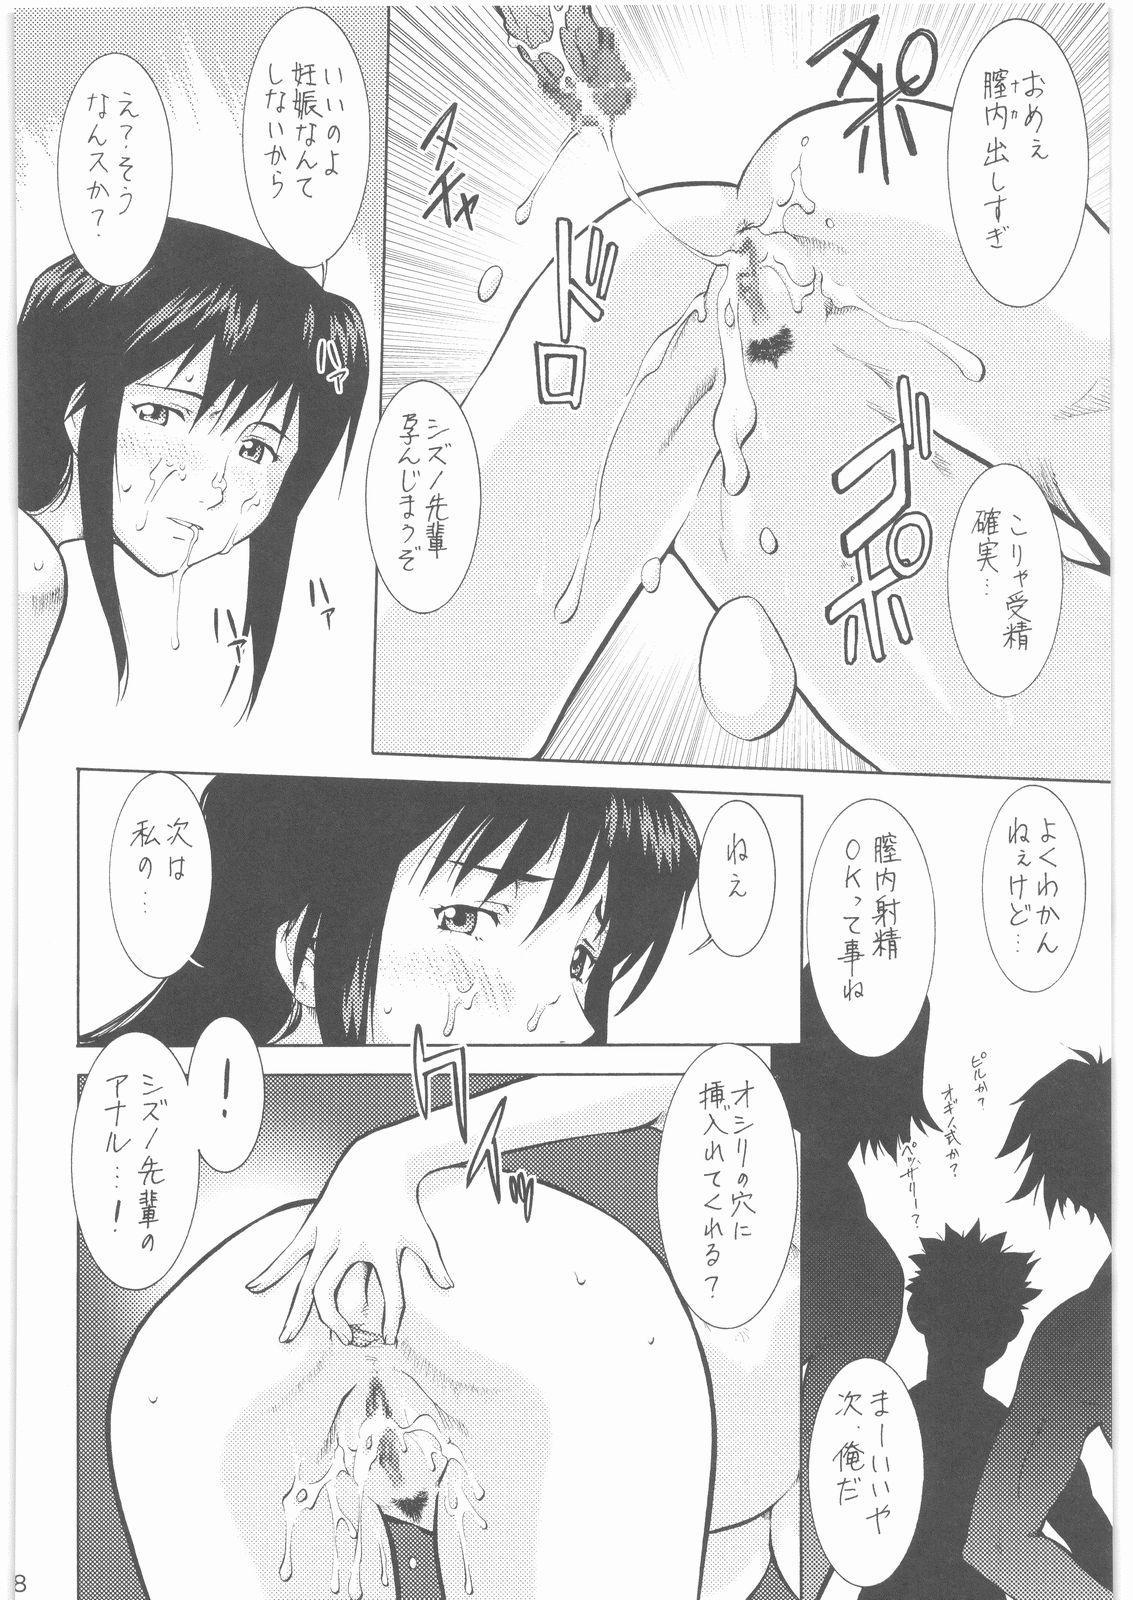 Umedamangashuu 12 Shito 106